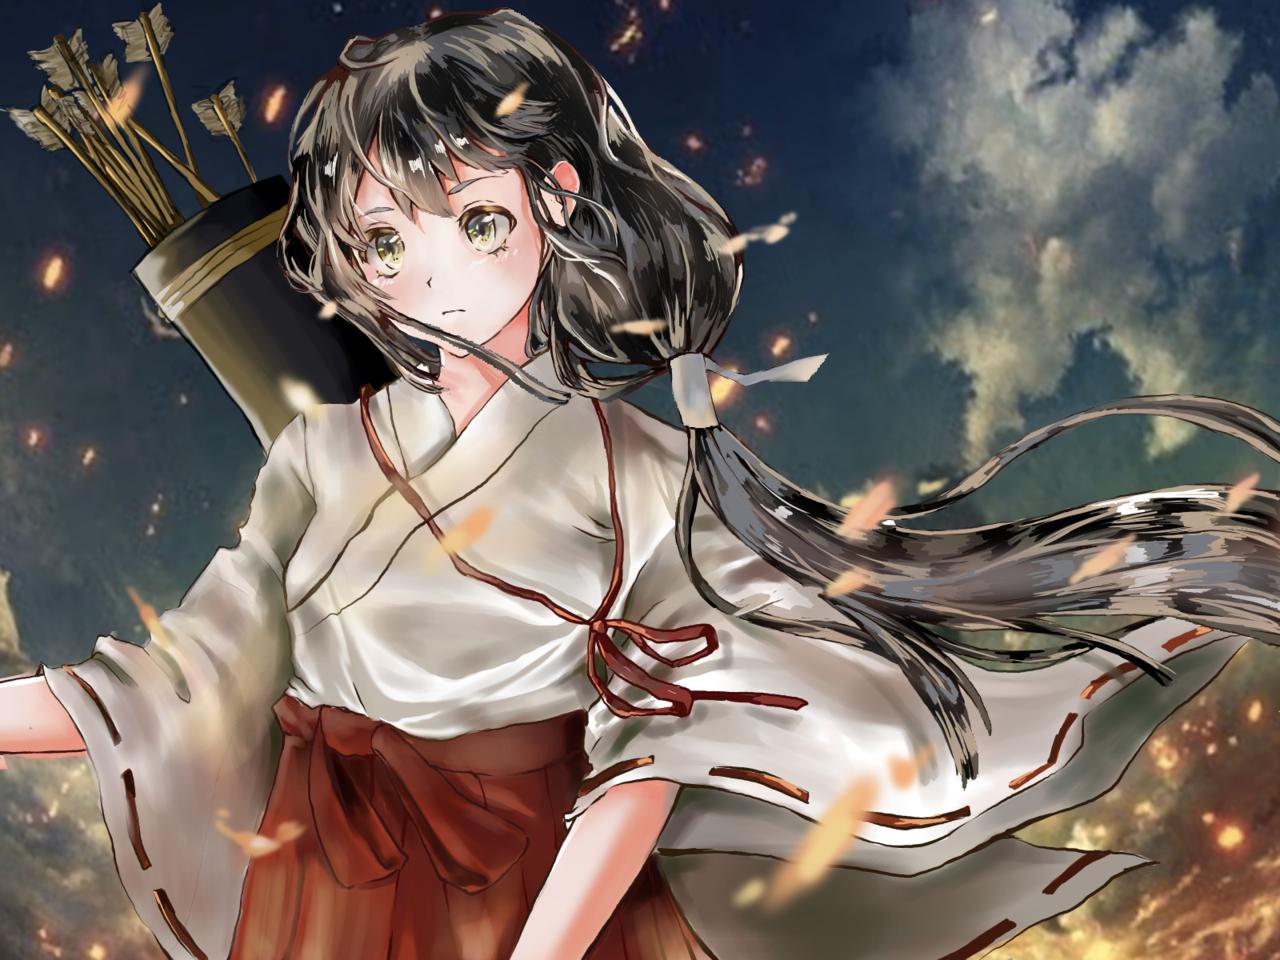 桔梗 Illust of ドドドミノ ❥ medibangpaint 和服女子 和服少女 Inuyasha Inuyasha.